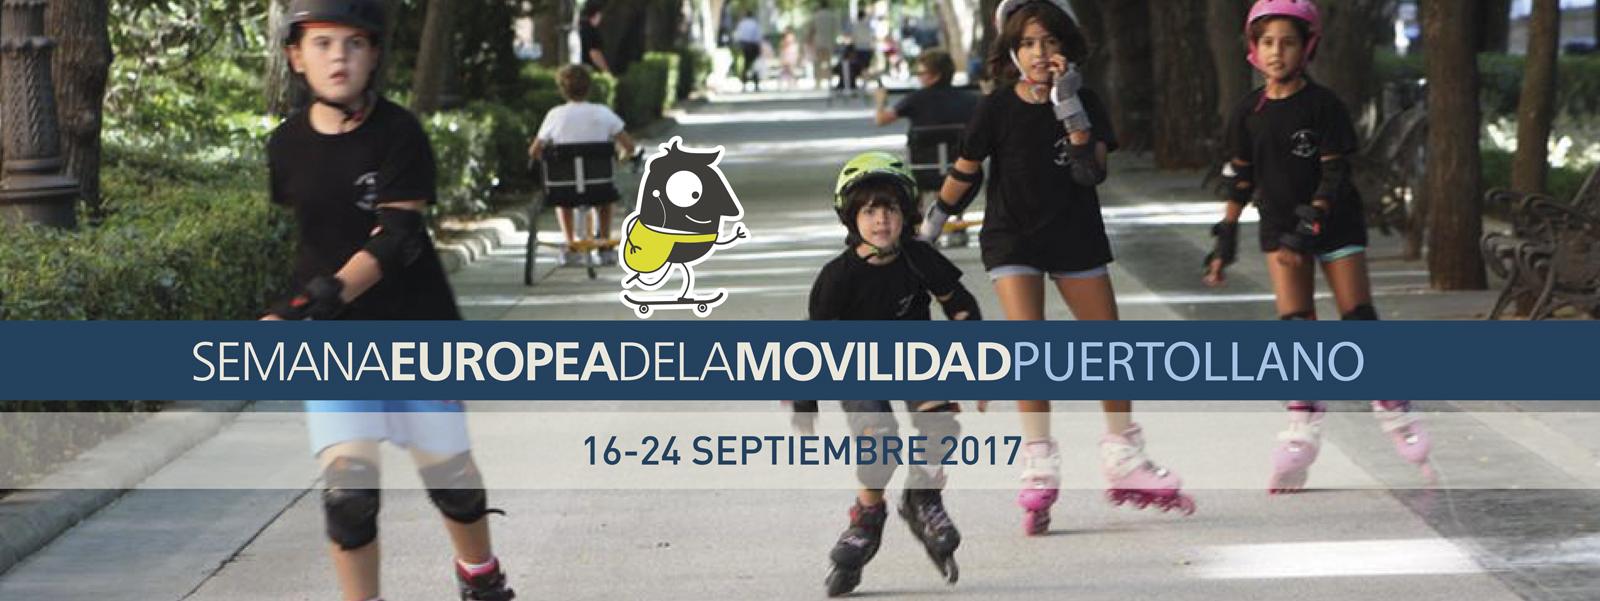 grupo de niños patinando frontal Semana Europea de la Movilidad 2017